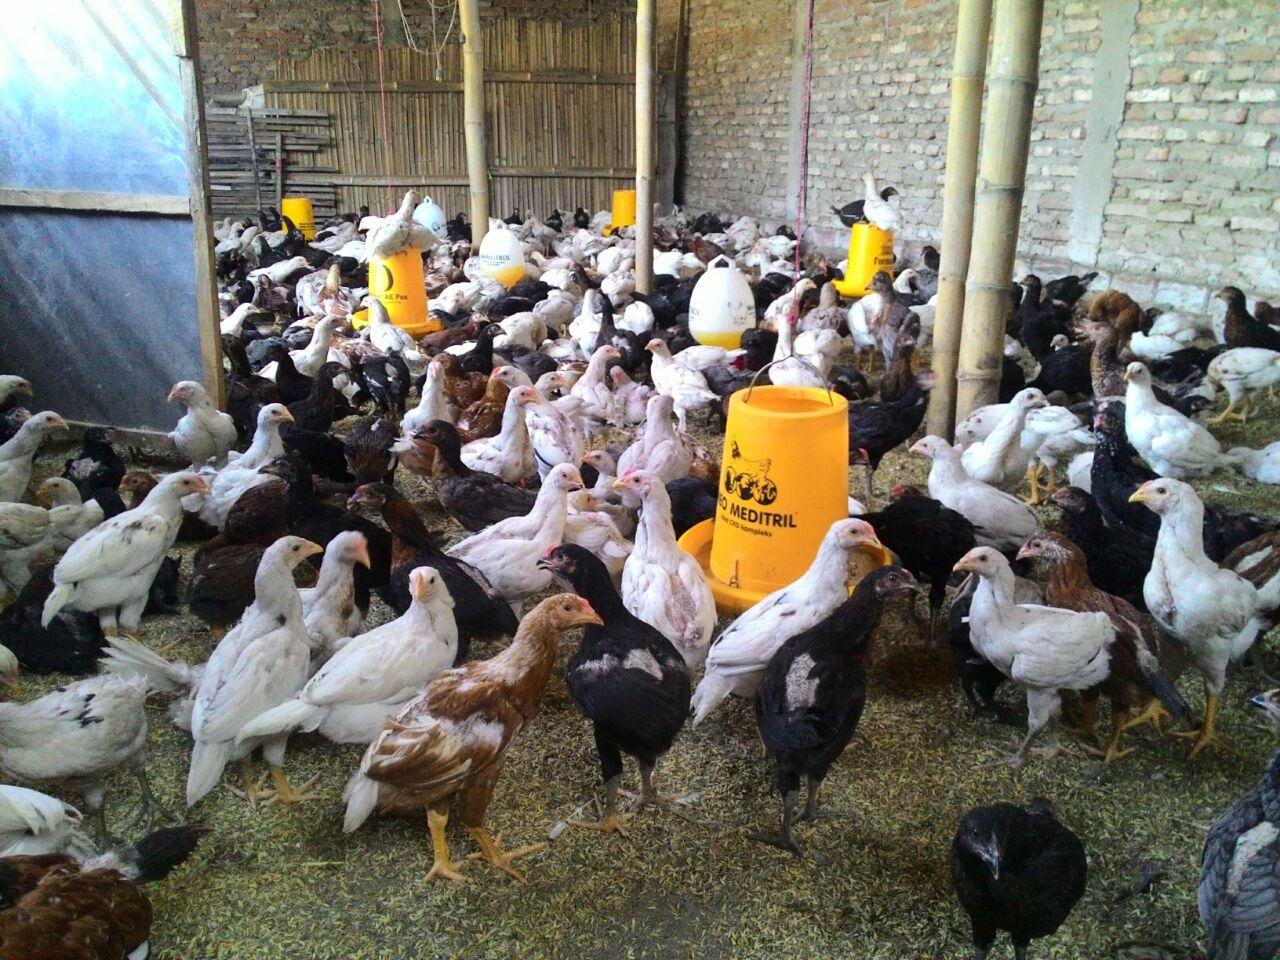 Ayam JOPER merupakan ayam pedaging unggul hasil persilangan dari ayam pejantan bangkok dan betina ras petelur | Image 1